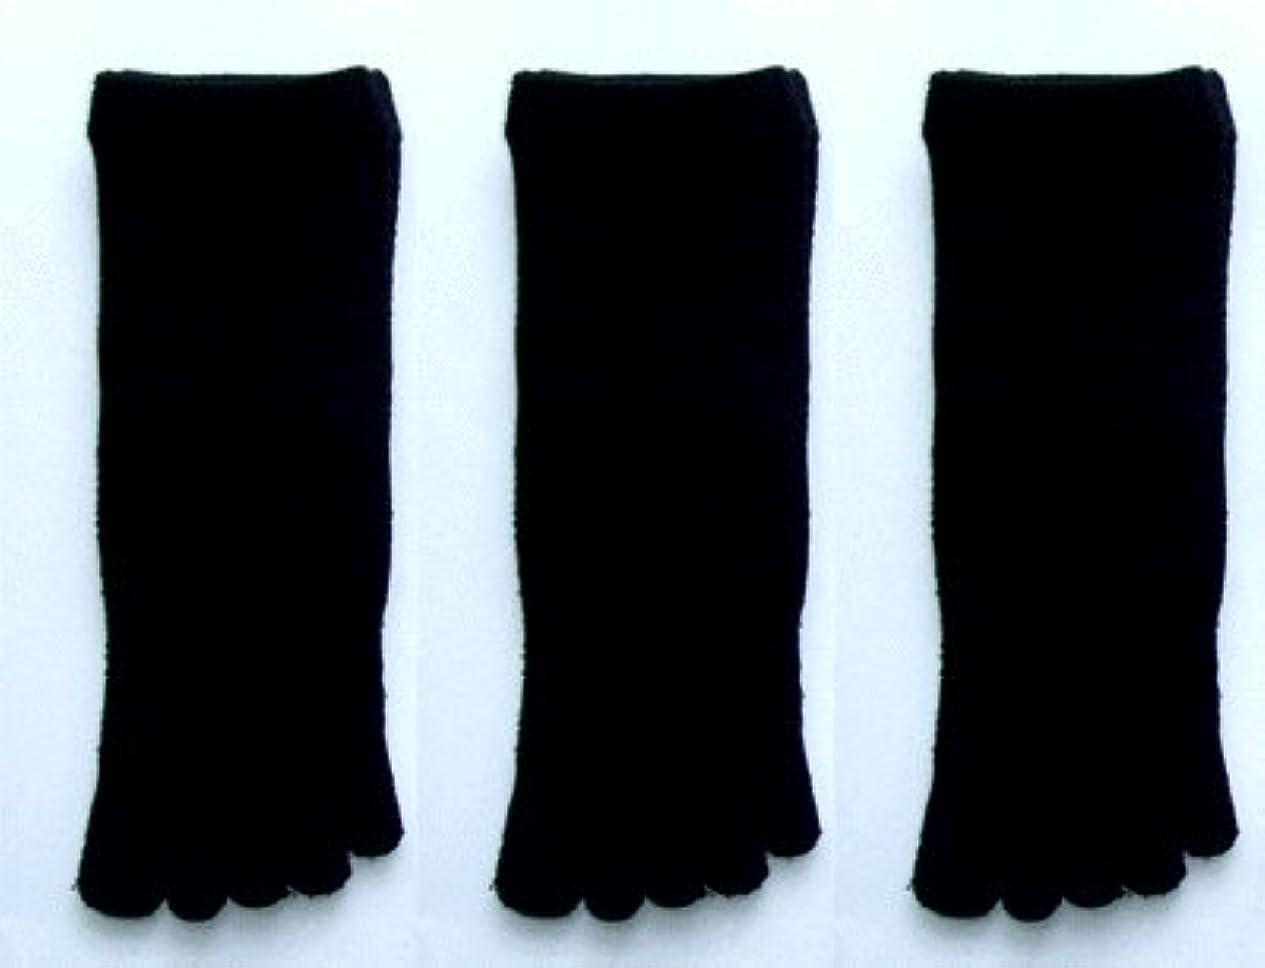 トラップ家畜作成者日本製 こだわりシルク5本指ソックス 婦人用3足組 22~24 (ブラック お買得3足組)